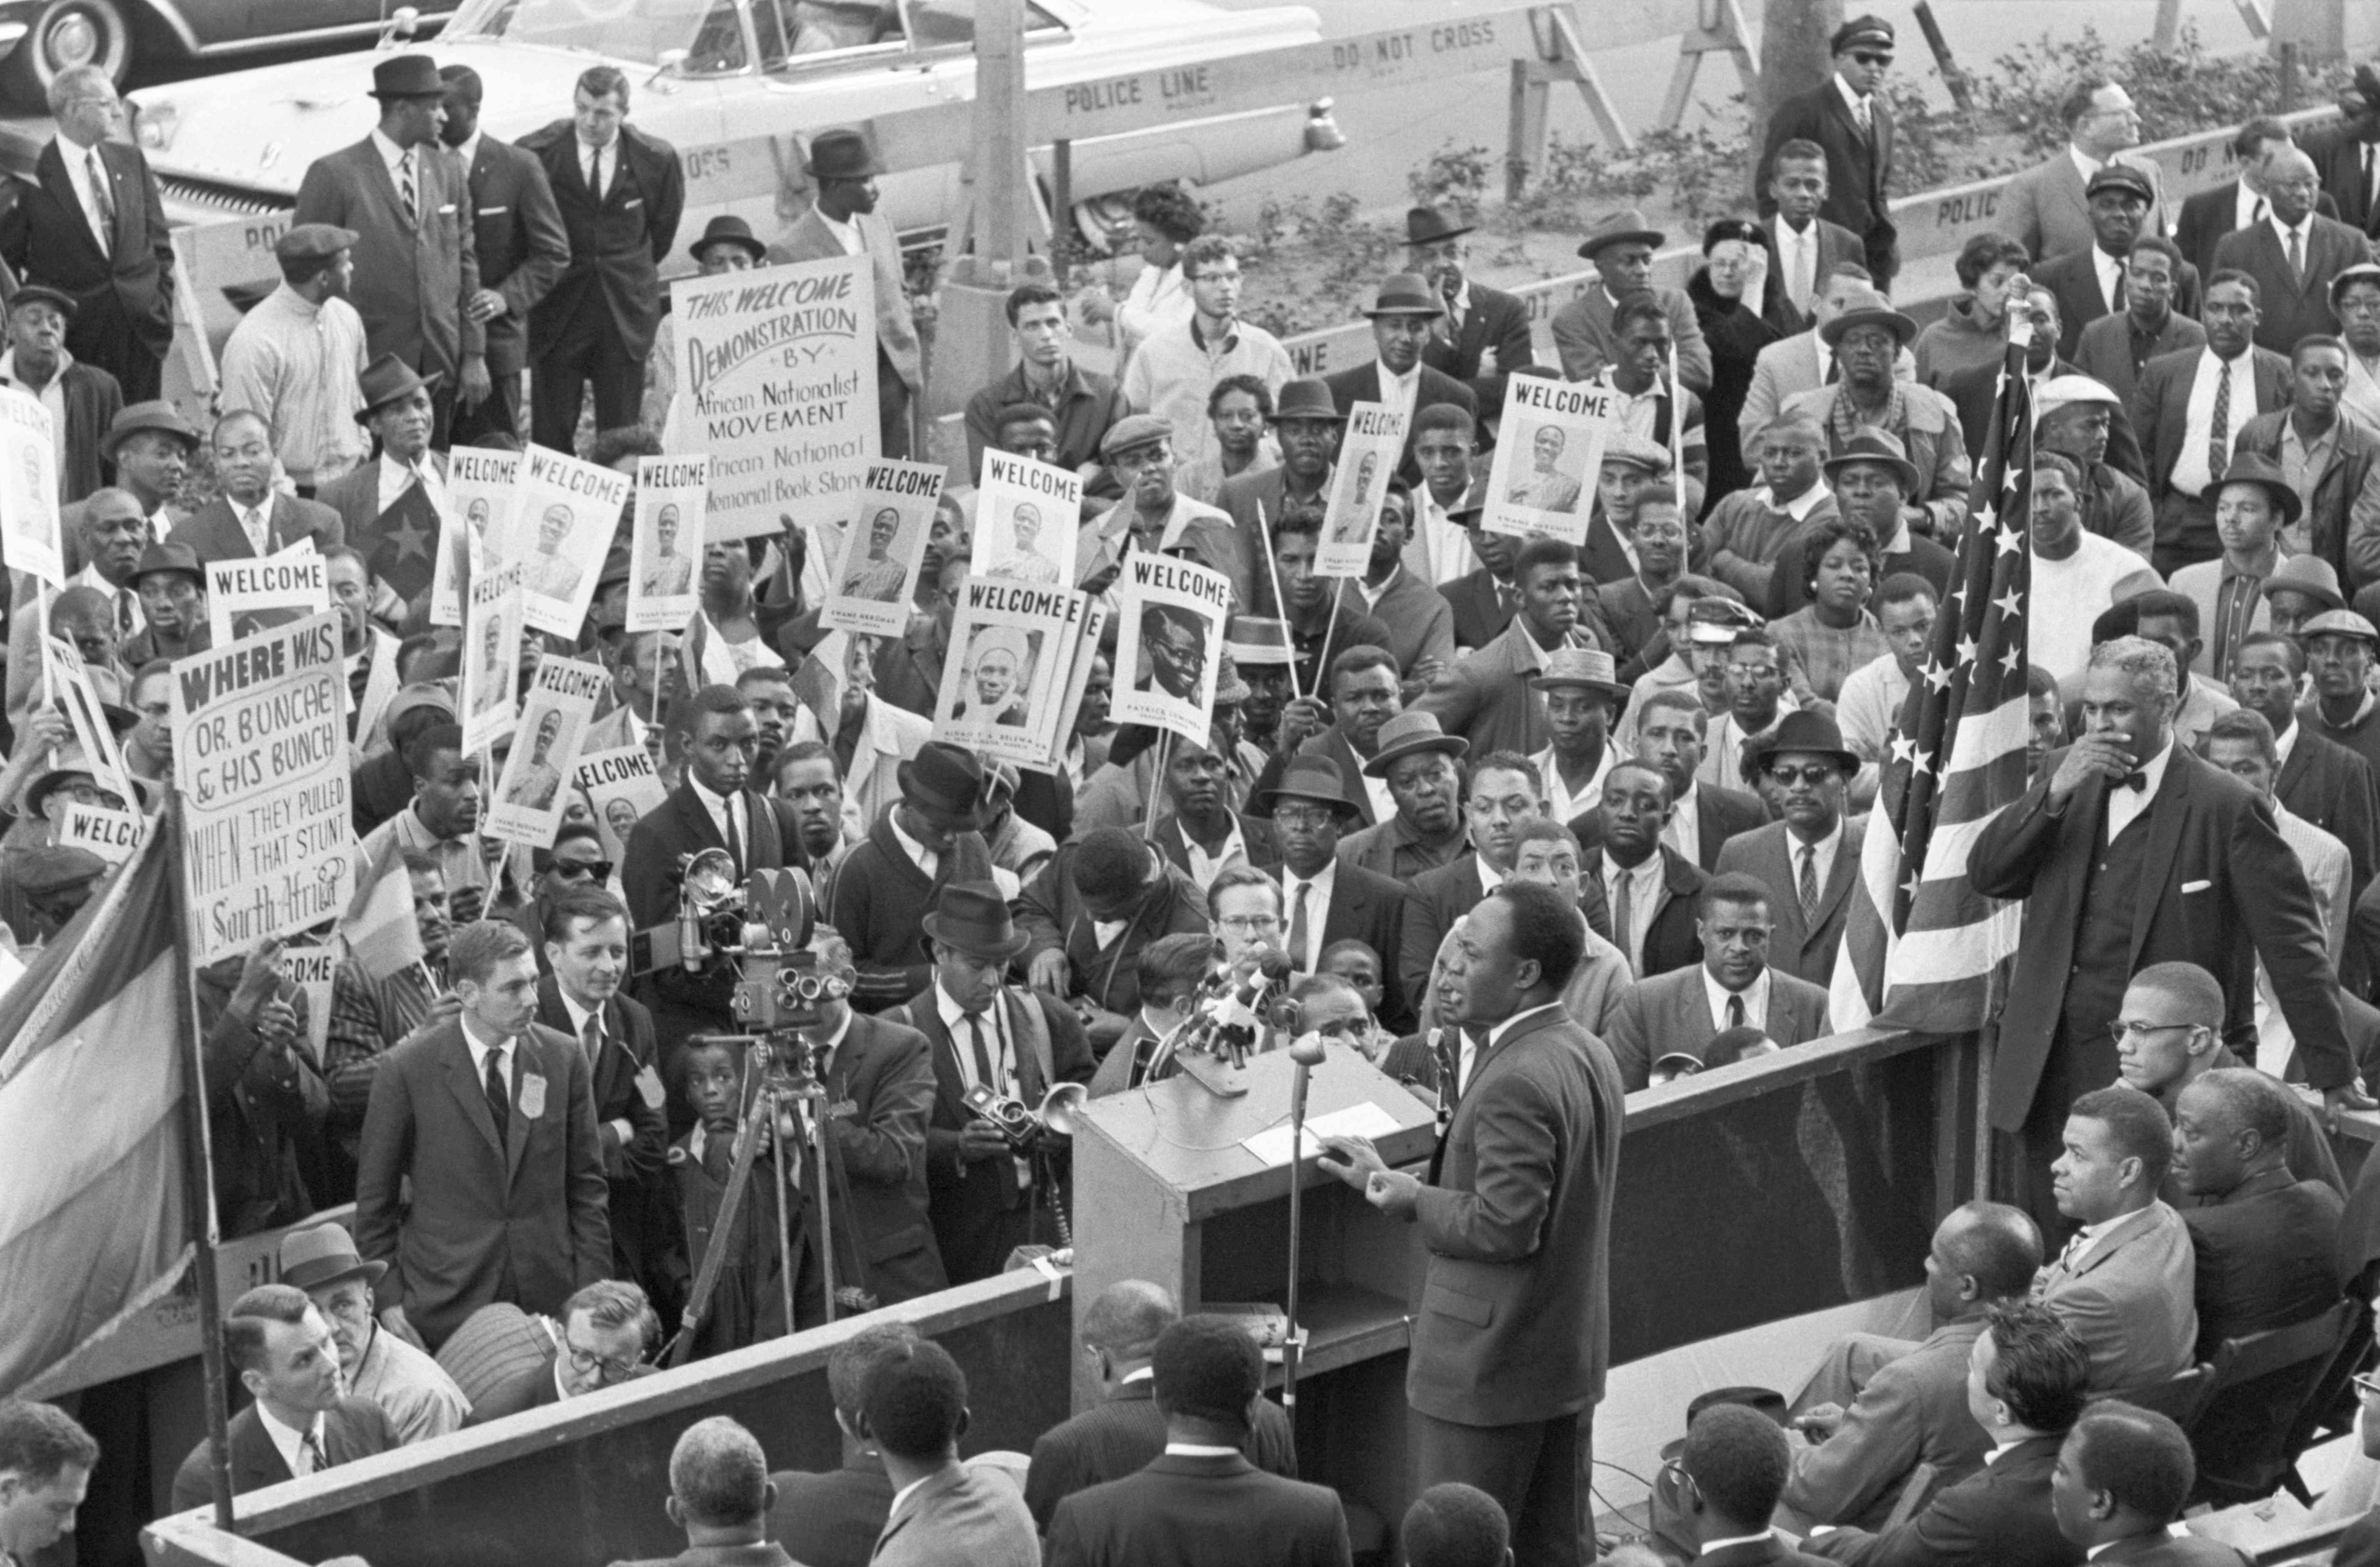 Fotografía en blanco y negro de Kwame Nkrumah dando un discurso.